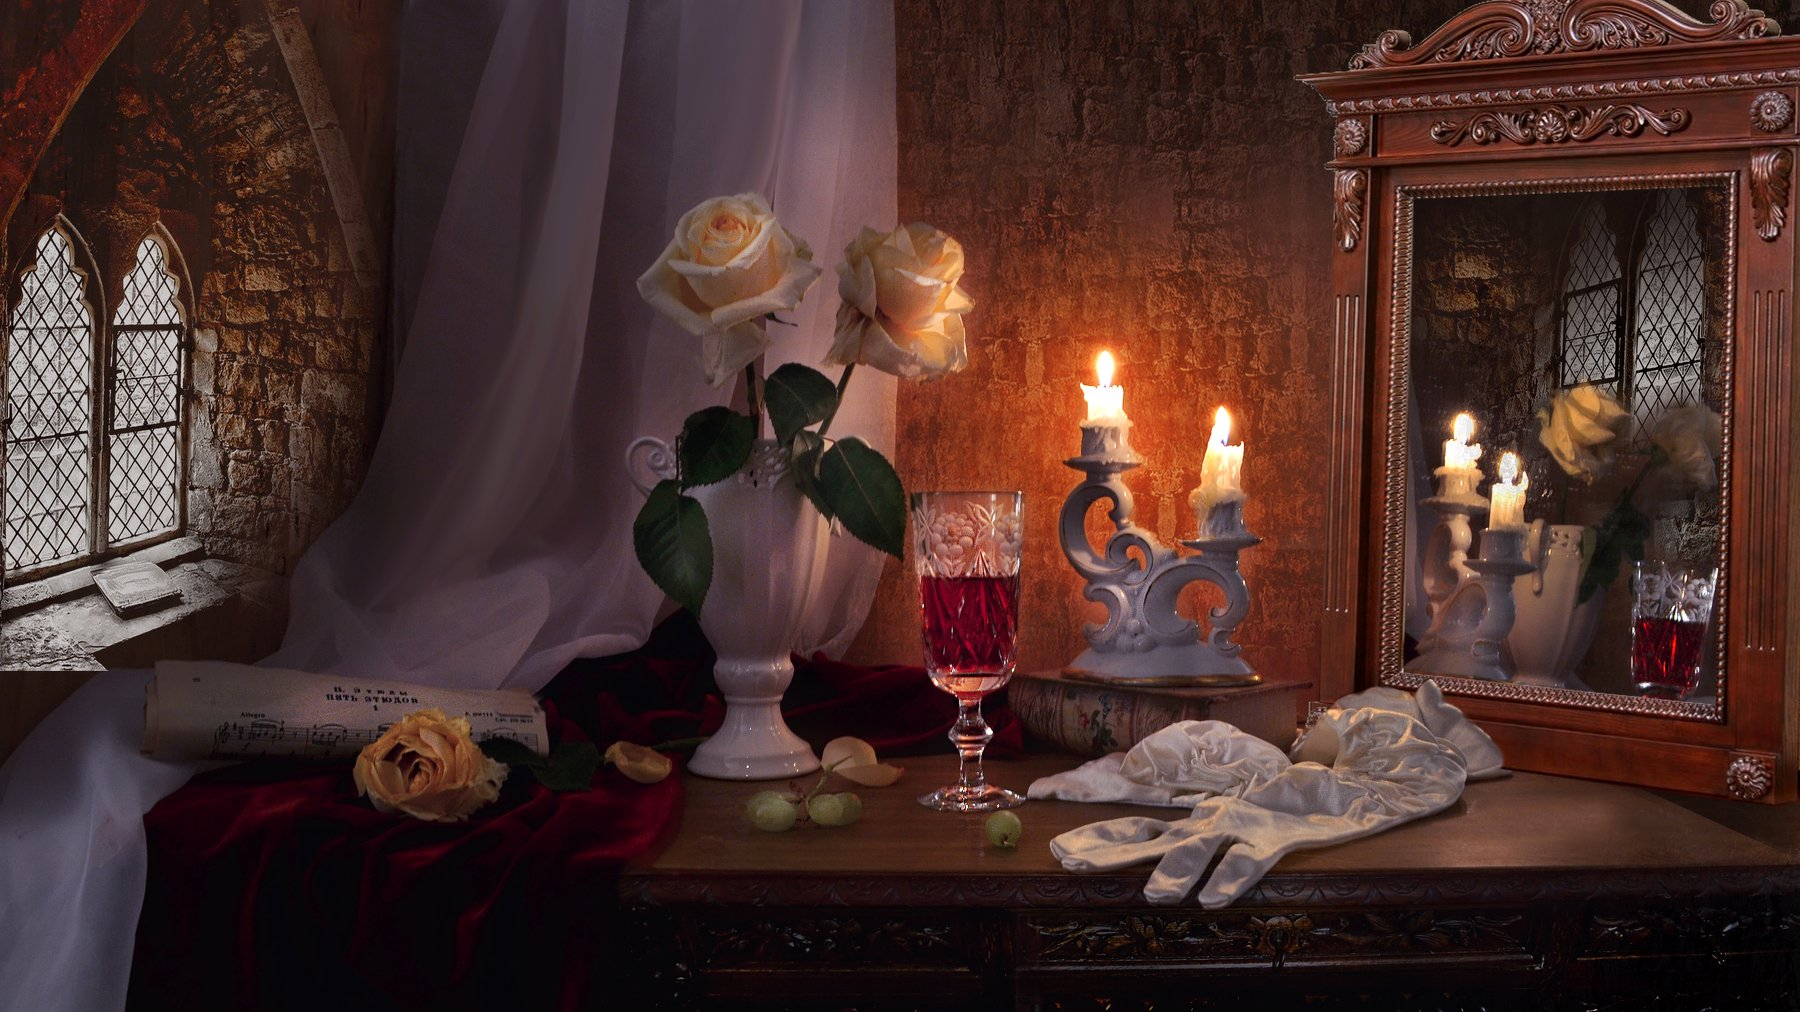 still life,натюрморт, зеркало, зима, ноты, отражение, подсвечник, розы, свечи, фарфор, февраль, фото натюрморт, хрусталь, цветы, Колова Валентина